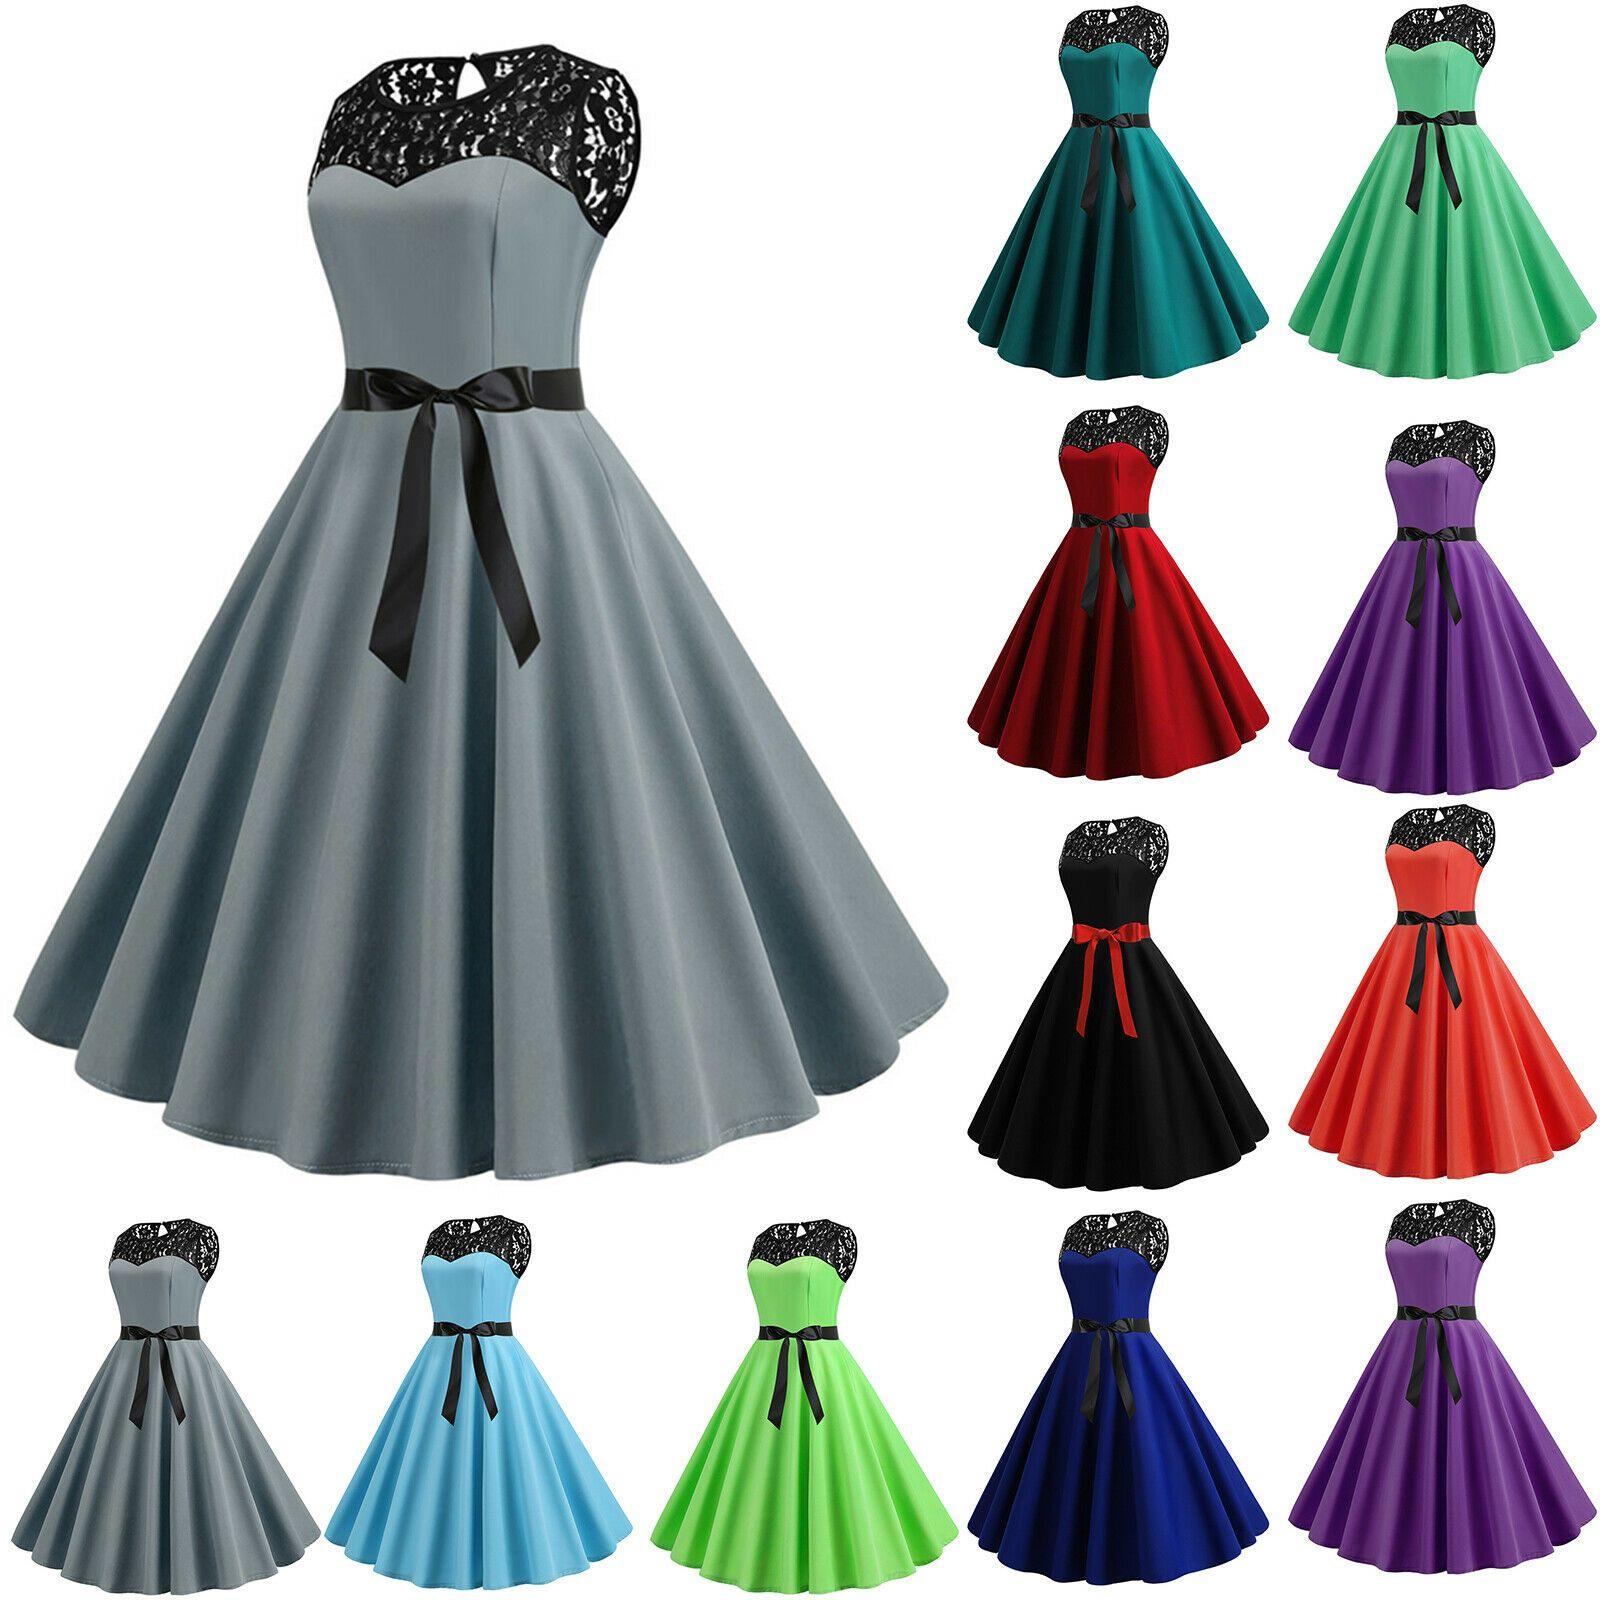 Formal Luxurius Party Abendkleid Ärmel13 Genial Party Abendkleid Bester Preis